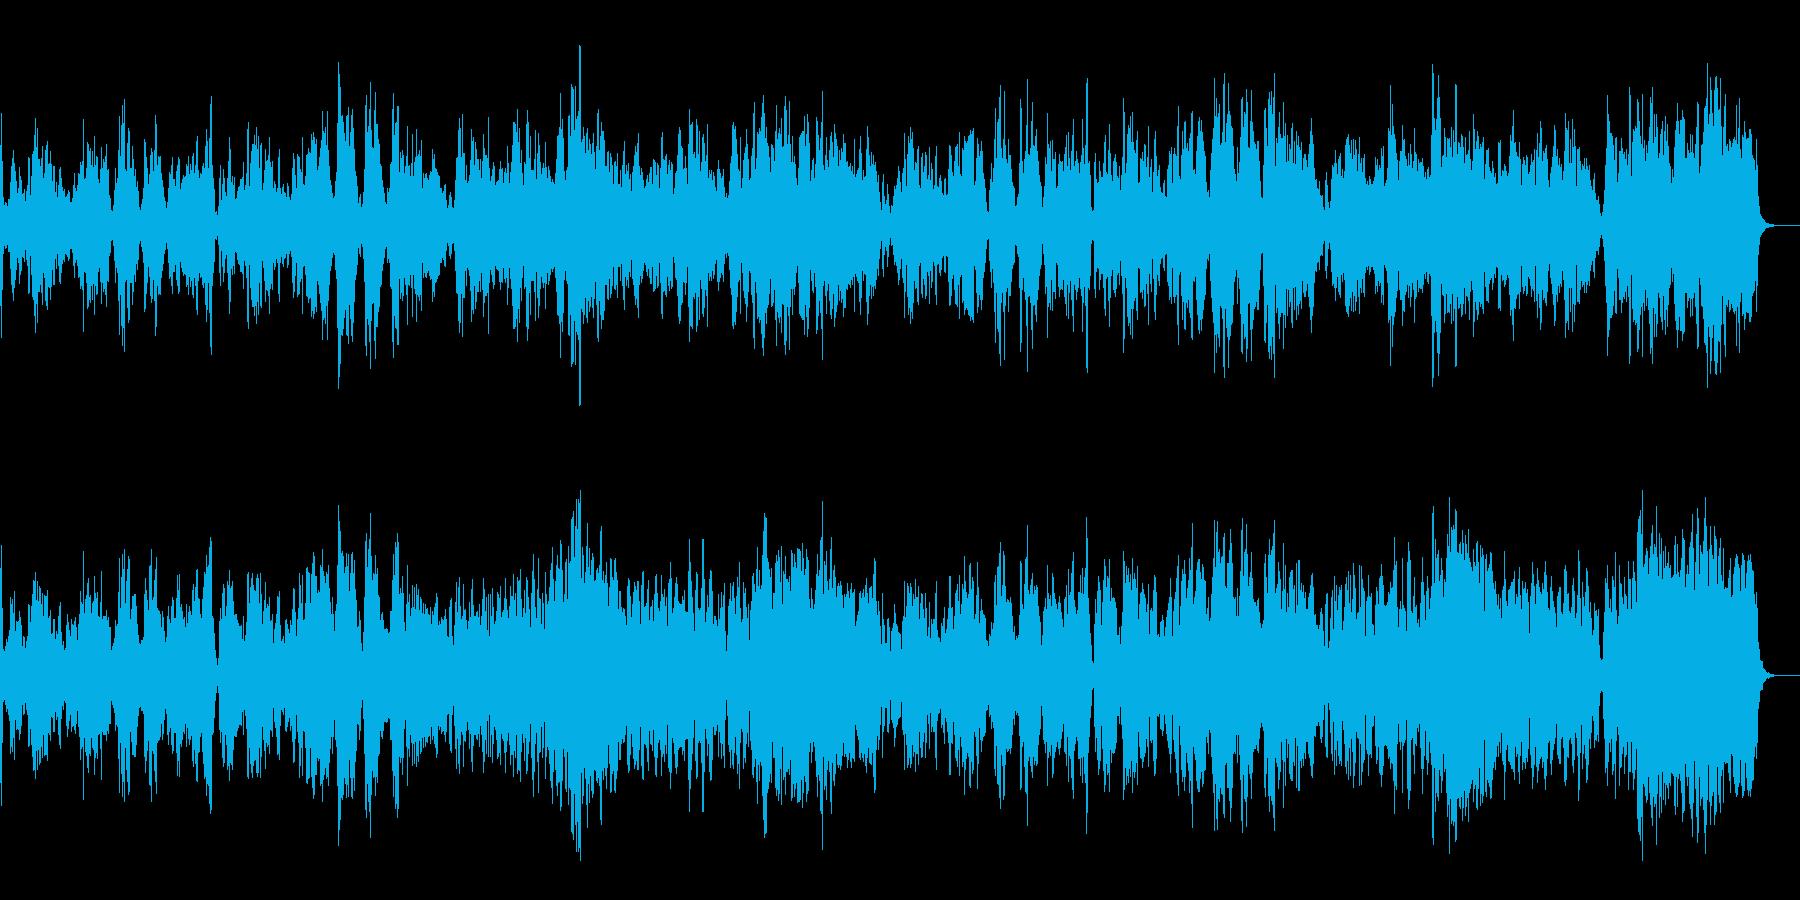 優しい雰囲気のヴァイオリン(生)曲の再生済みの波形